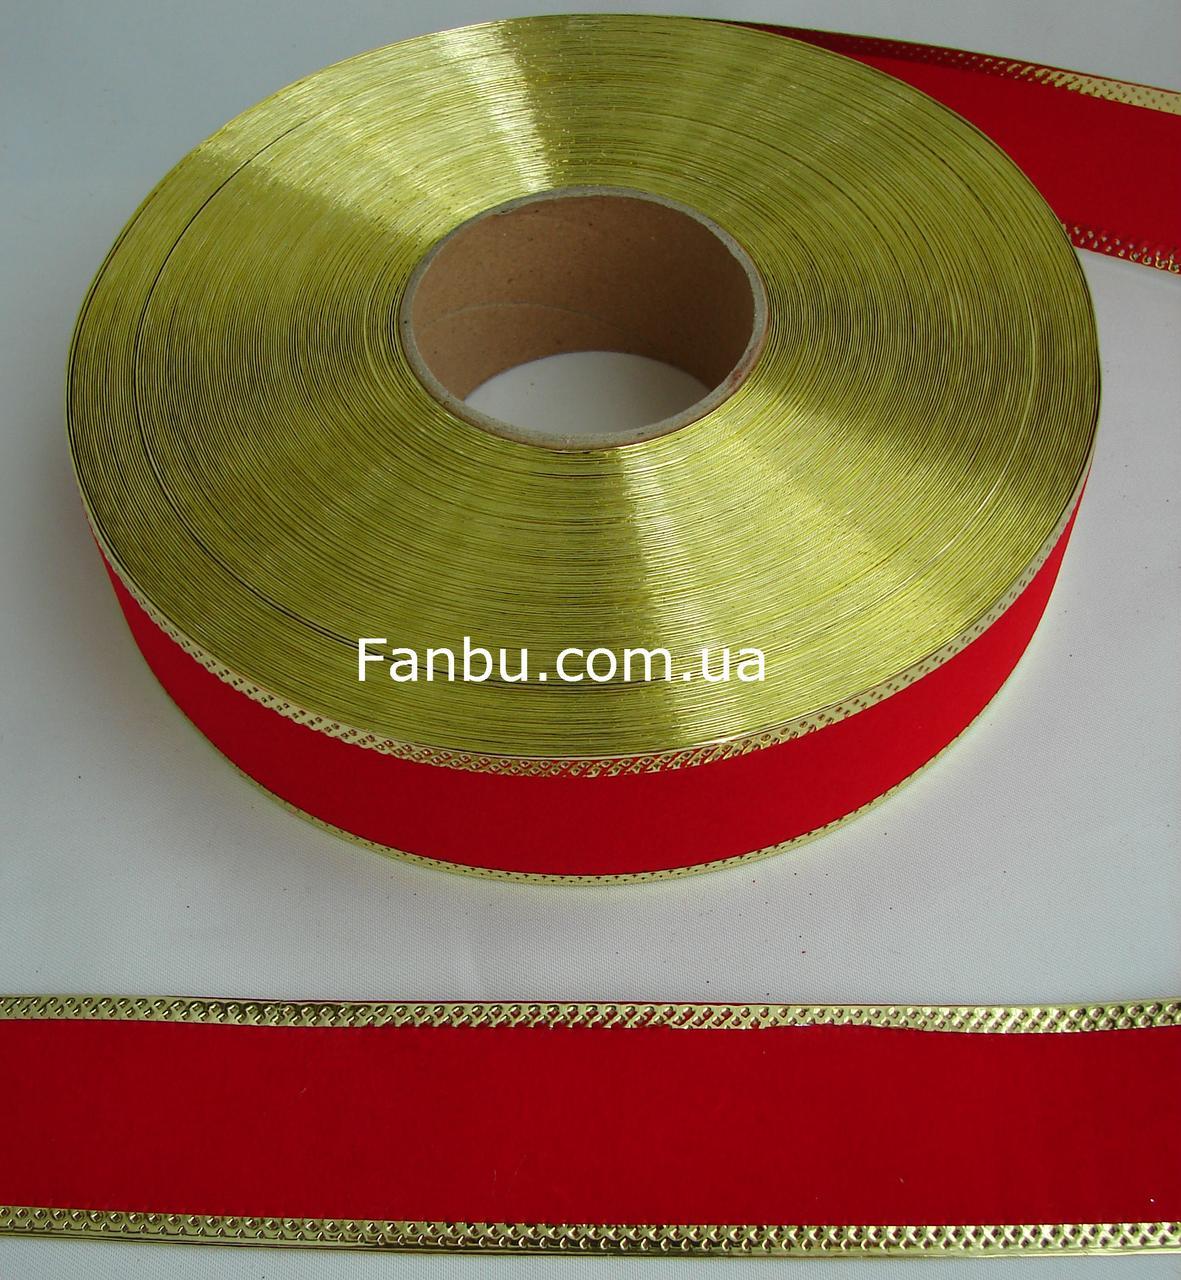 Новогодняя бархатная красная лента для бантов с проволочным краем 1уп-45м(ширина 4 см)